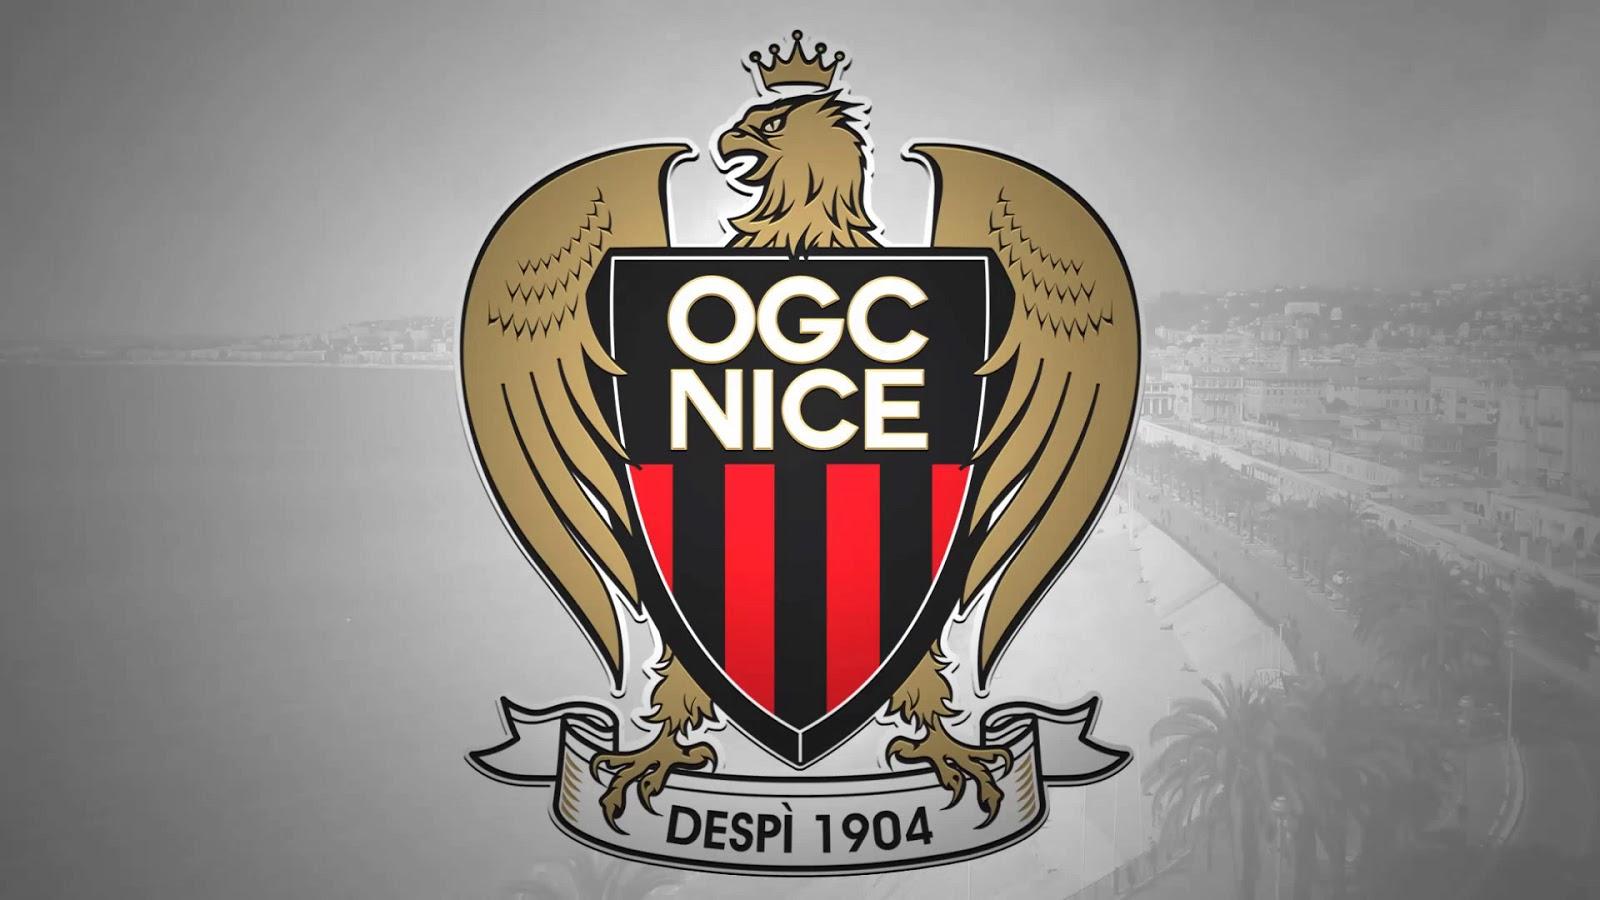 http://1.bp.blogspot.com/-JoERkZFcGAo/UZj5A815LUI/AAAAAAAAGhY/oIWS9xFsVEc/s1600/OGC+Nice+New+Crest.jpg